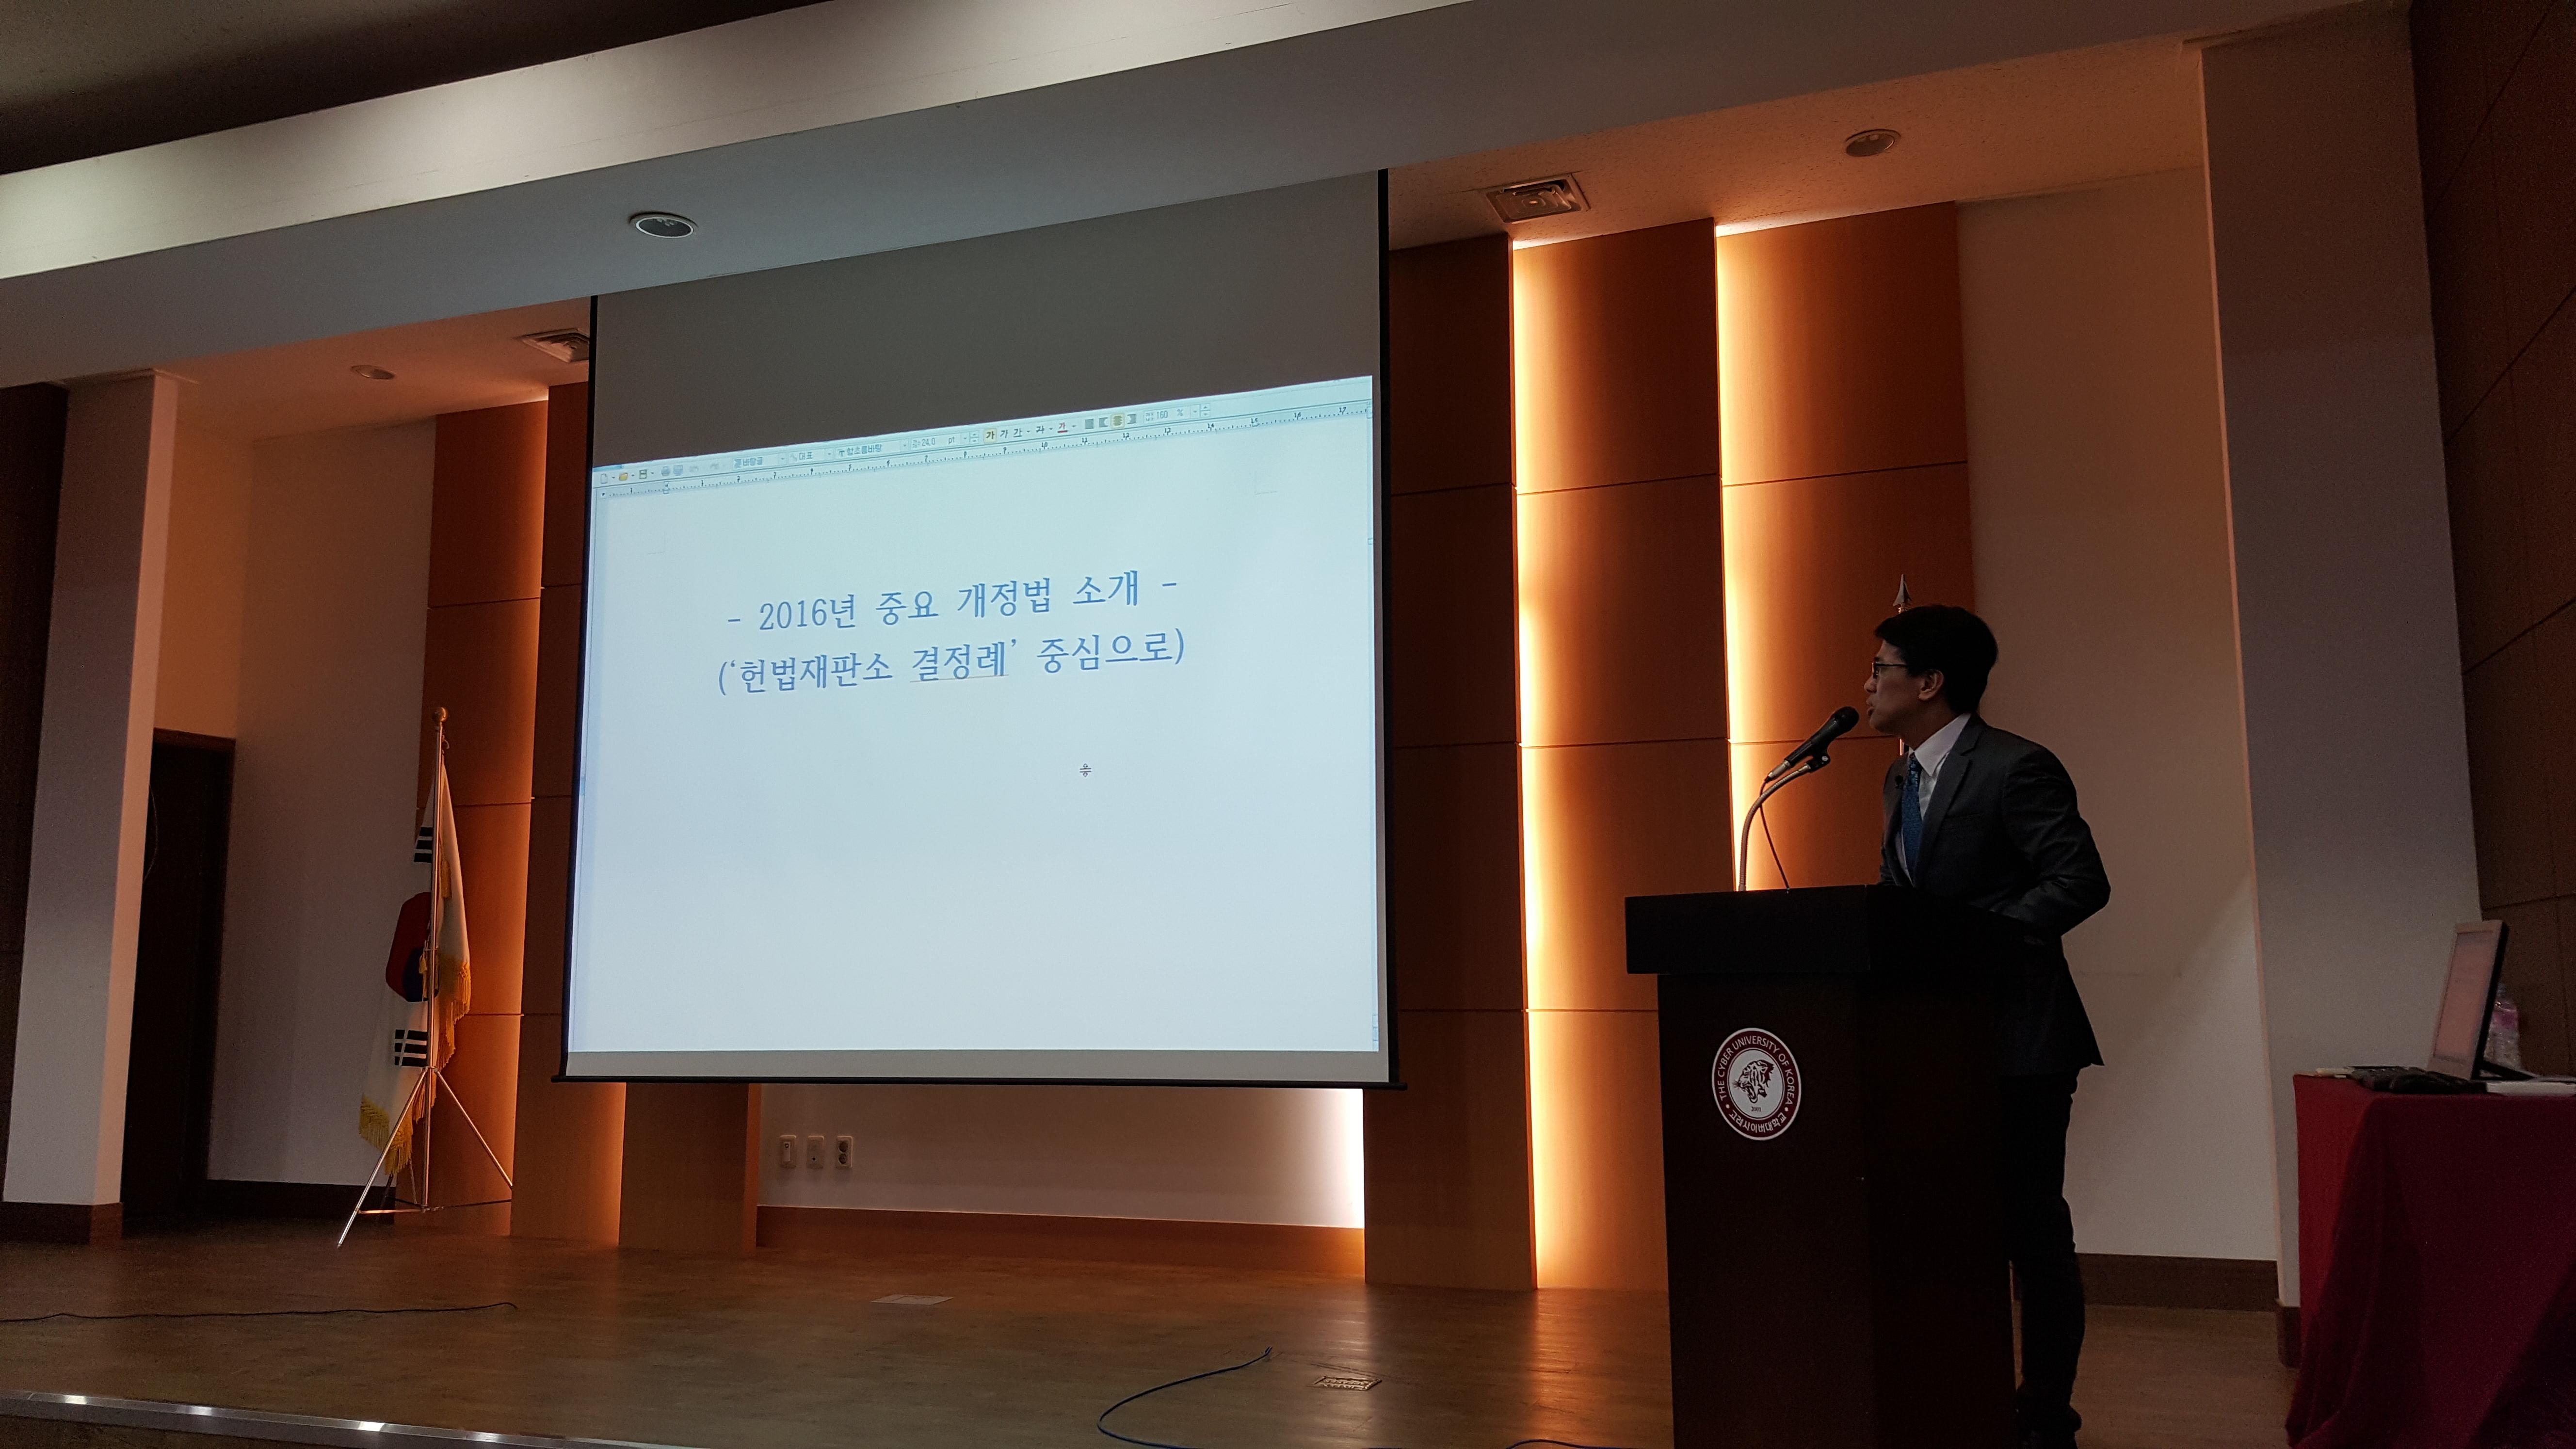 [법학과] 2016년 경찰채용시험 및 2017년 시험대비 특강